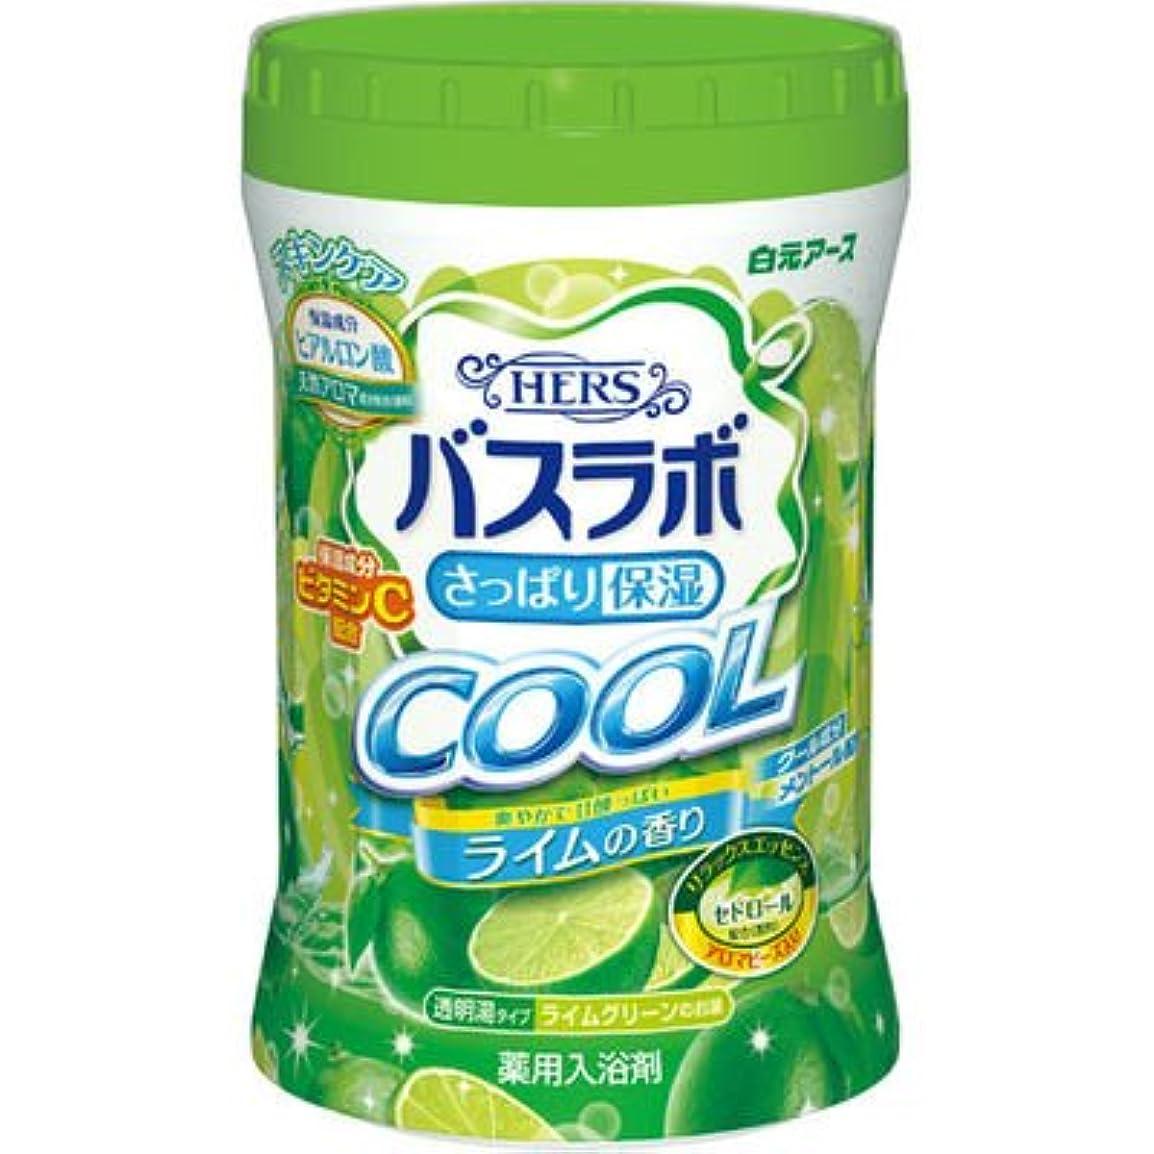 佐賀佐賀用心する白元アース HERSバスラボ さっぱり保湿 COOL ライムの香り 640g E537344H